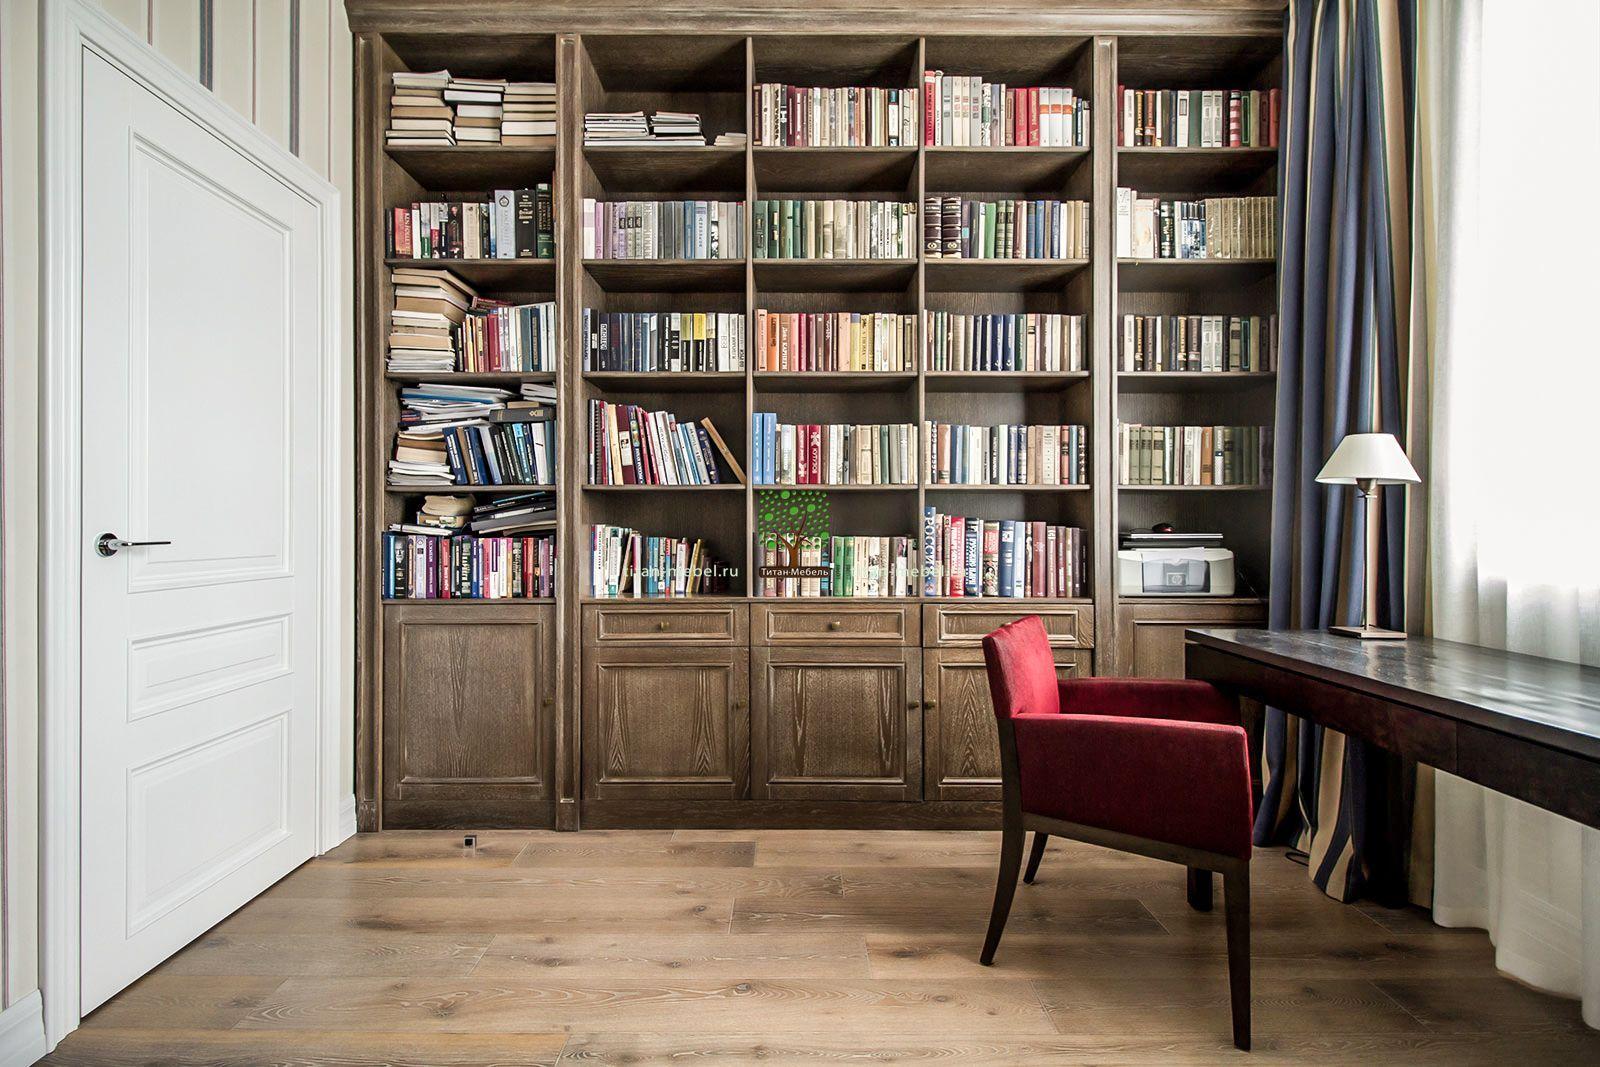 599fd52fa591d - Идеи интерьера трехкомнатной квартиры